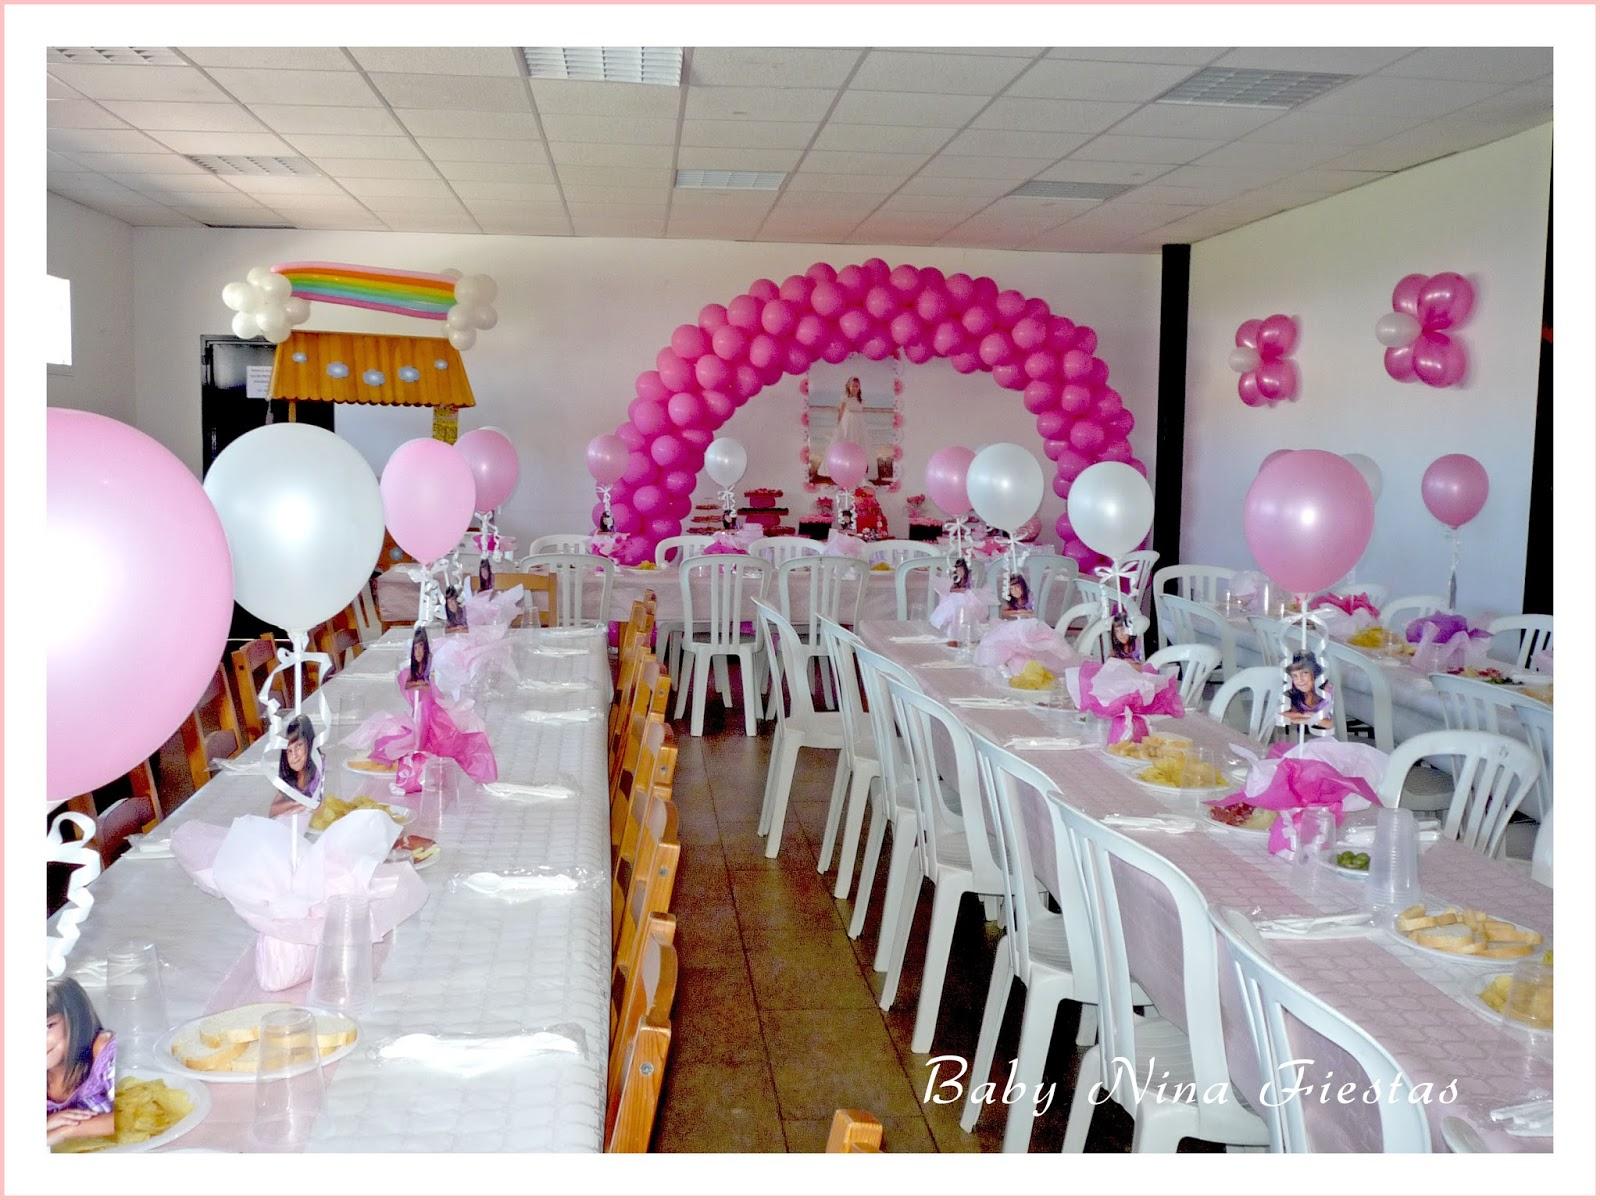 Baby nina fiestas decoraci n comuni n estrella for Decoracion globos comunion